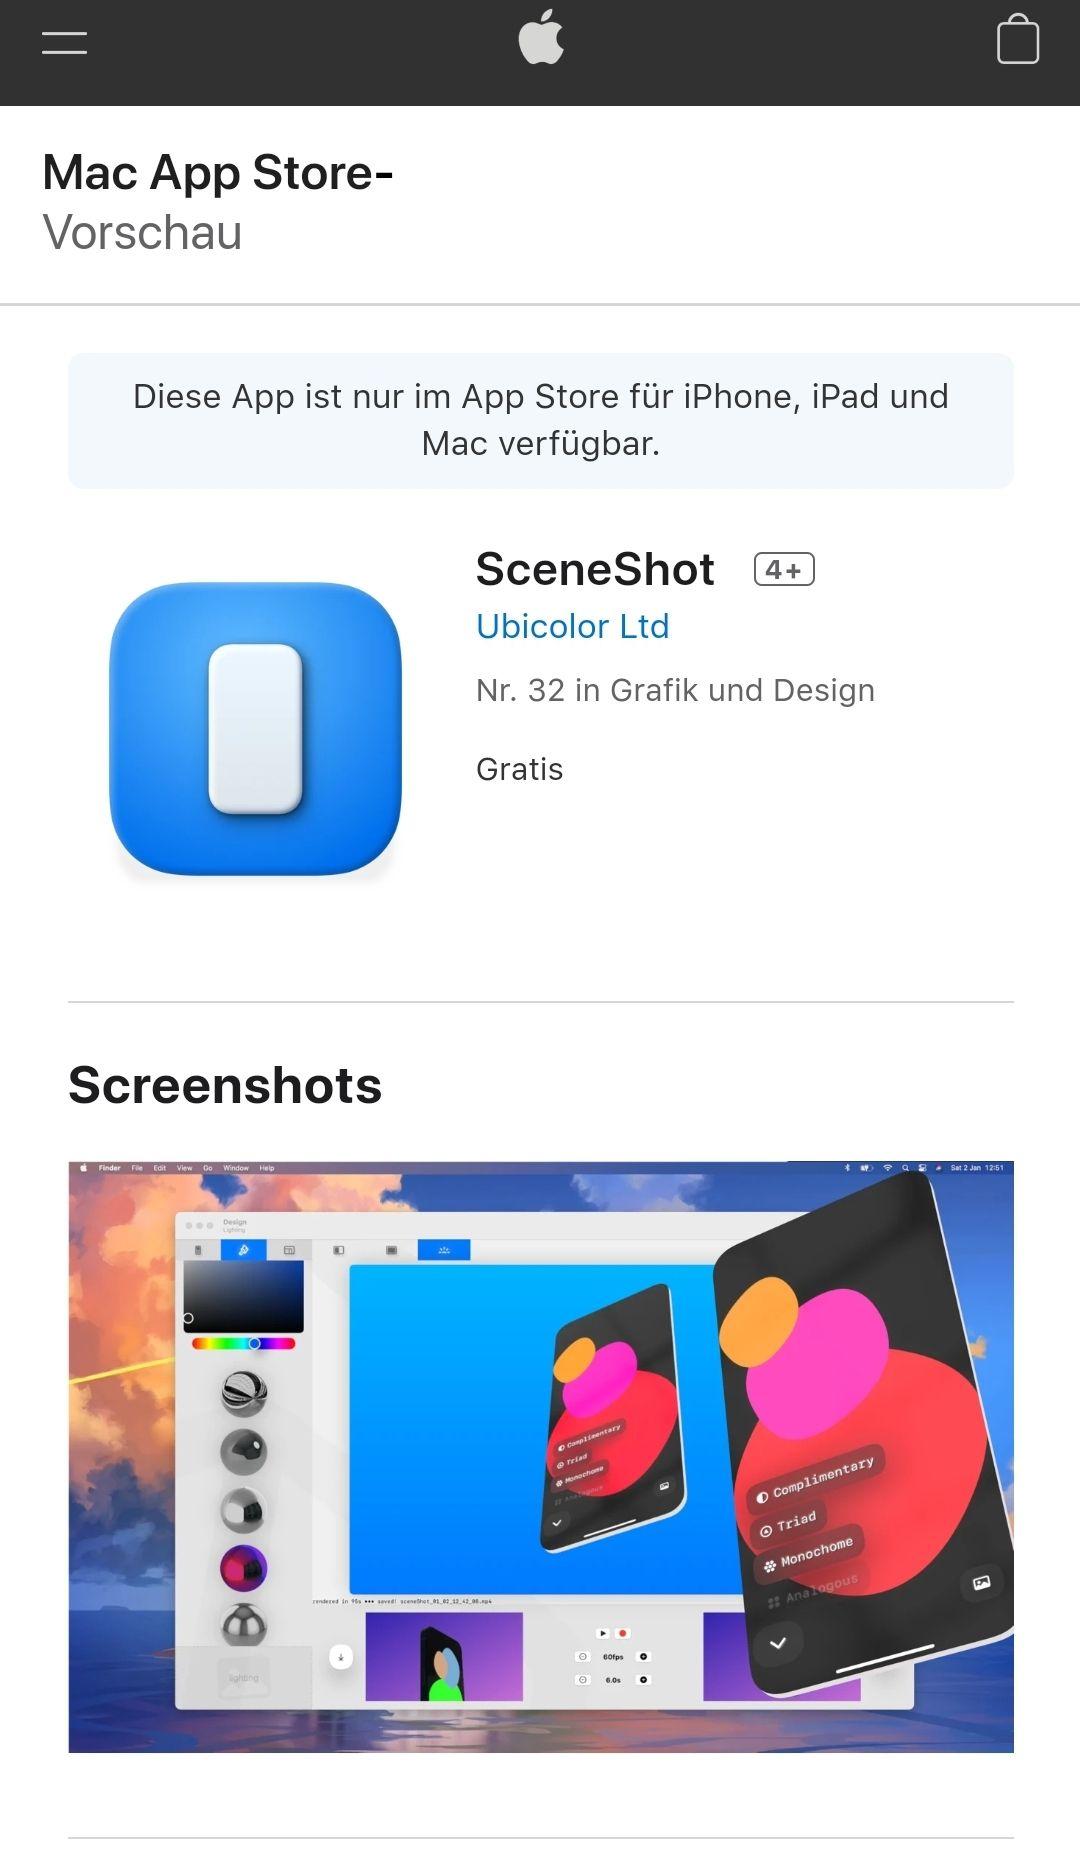 SceneShot iOS/iPadOS App und macOS